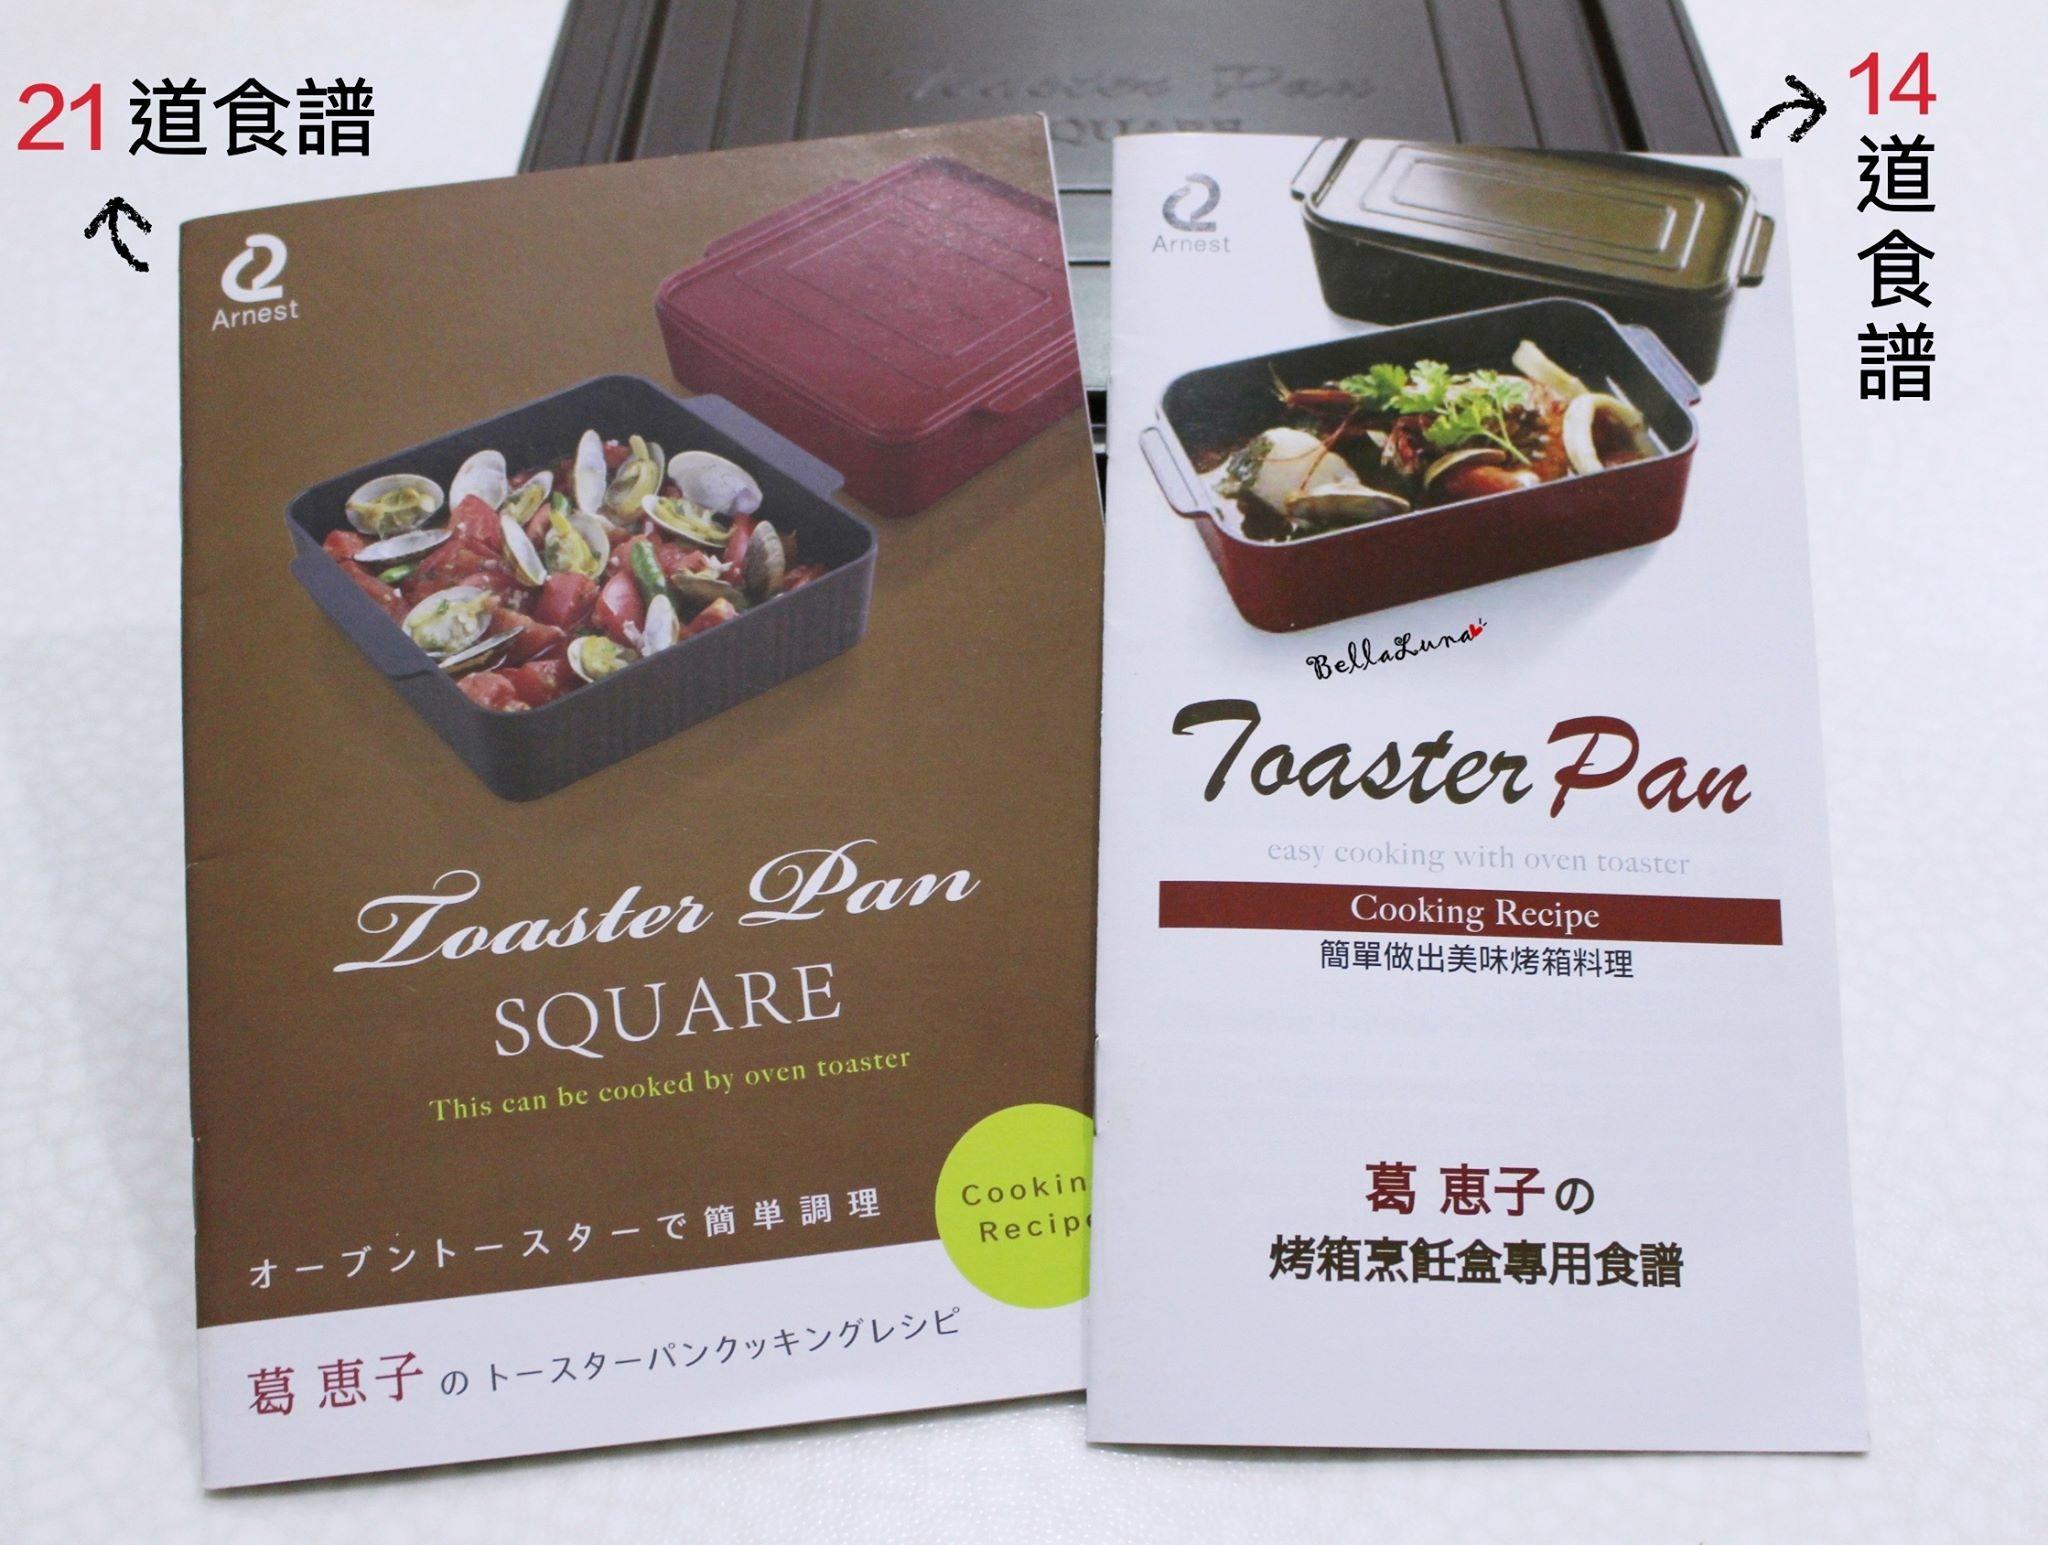 烤盒 3.jpg